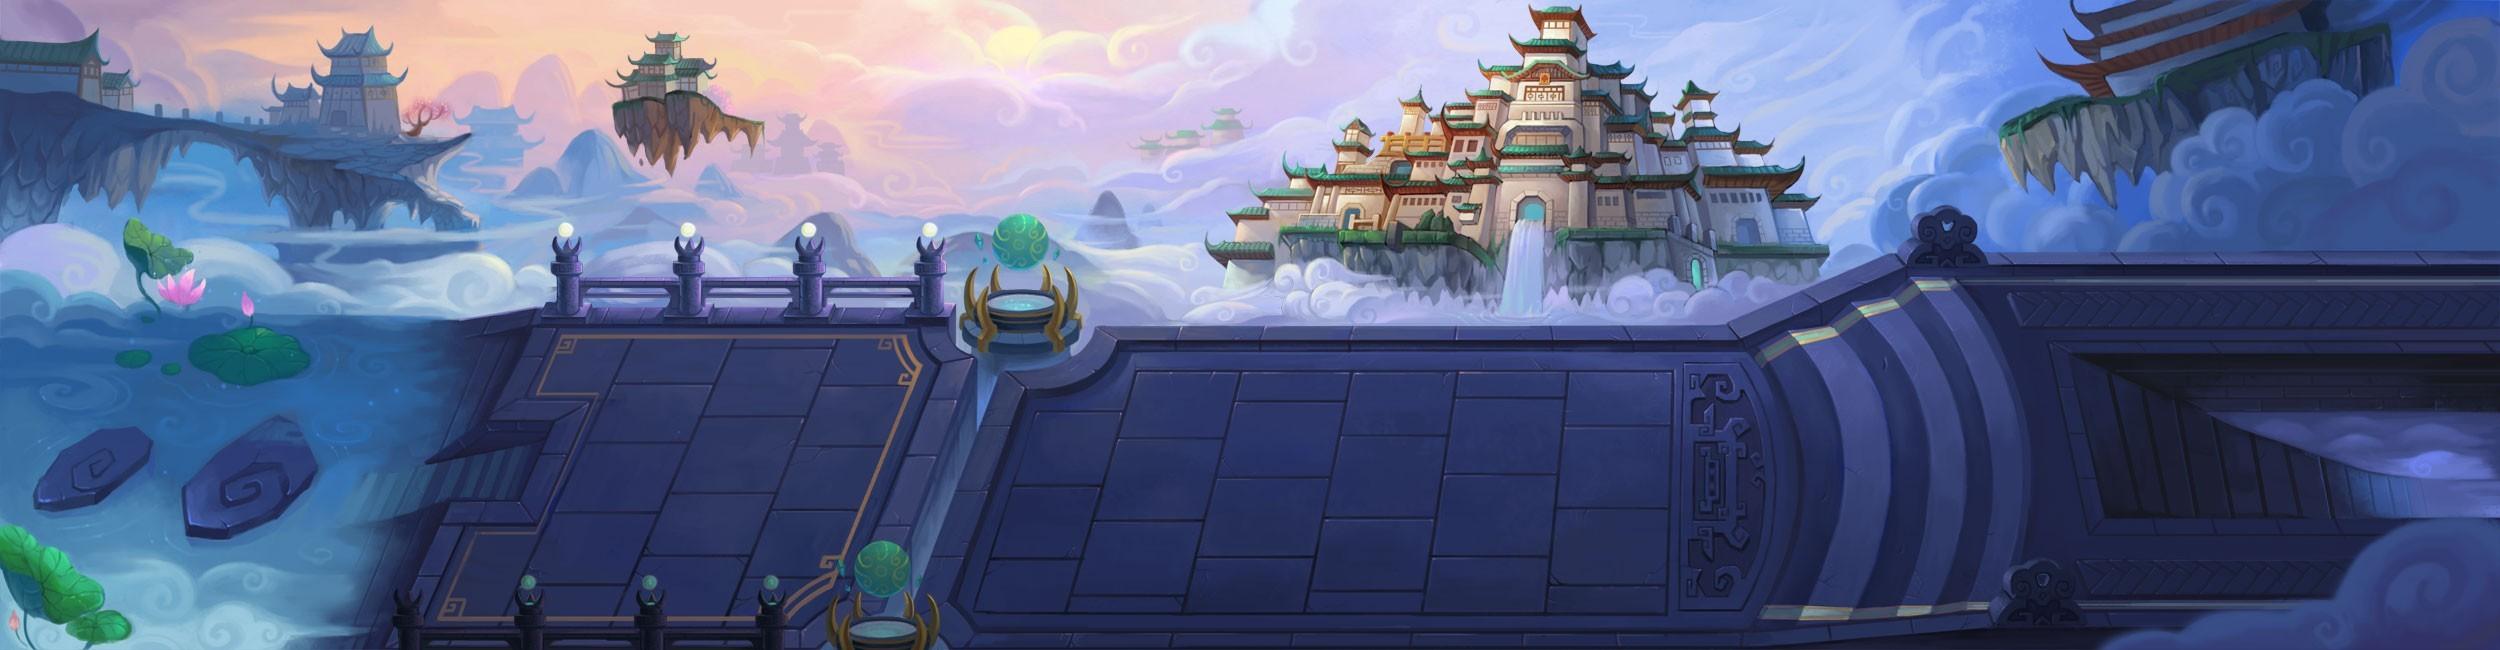 和神仙道类似的游戏_新闻  亲爱的各位玩家:          为了给您提供更好的游戏体验,神仙道